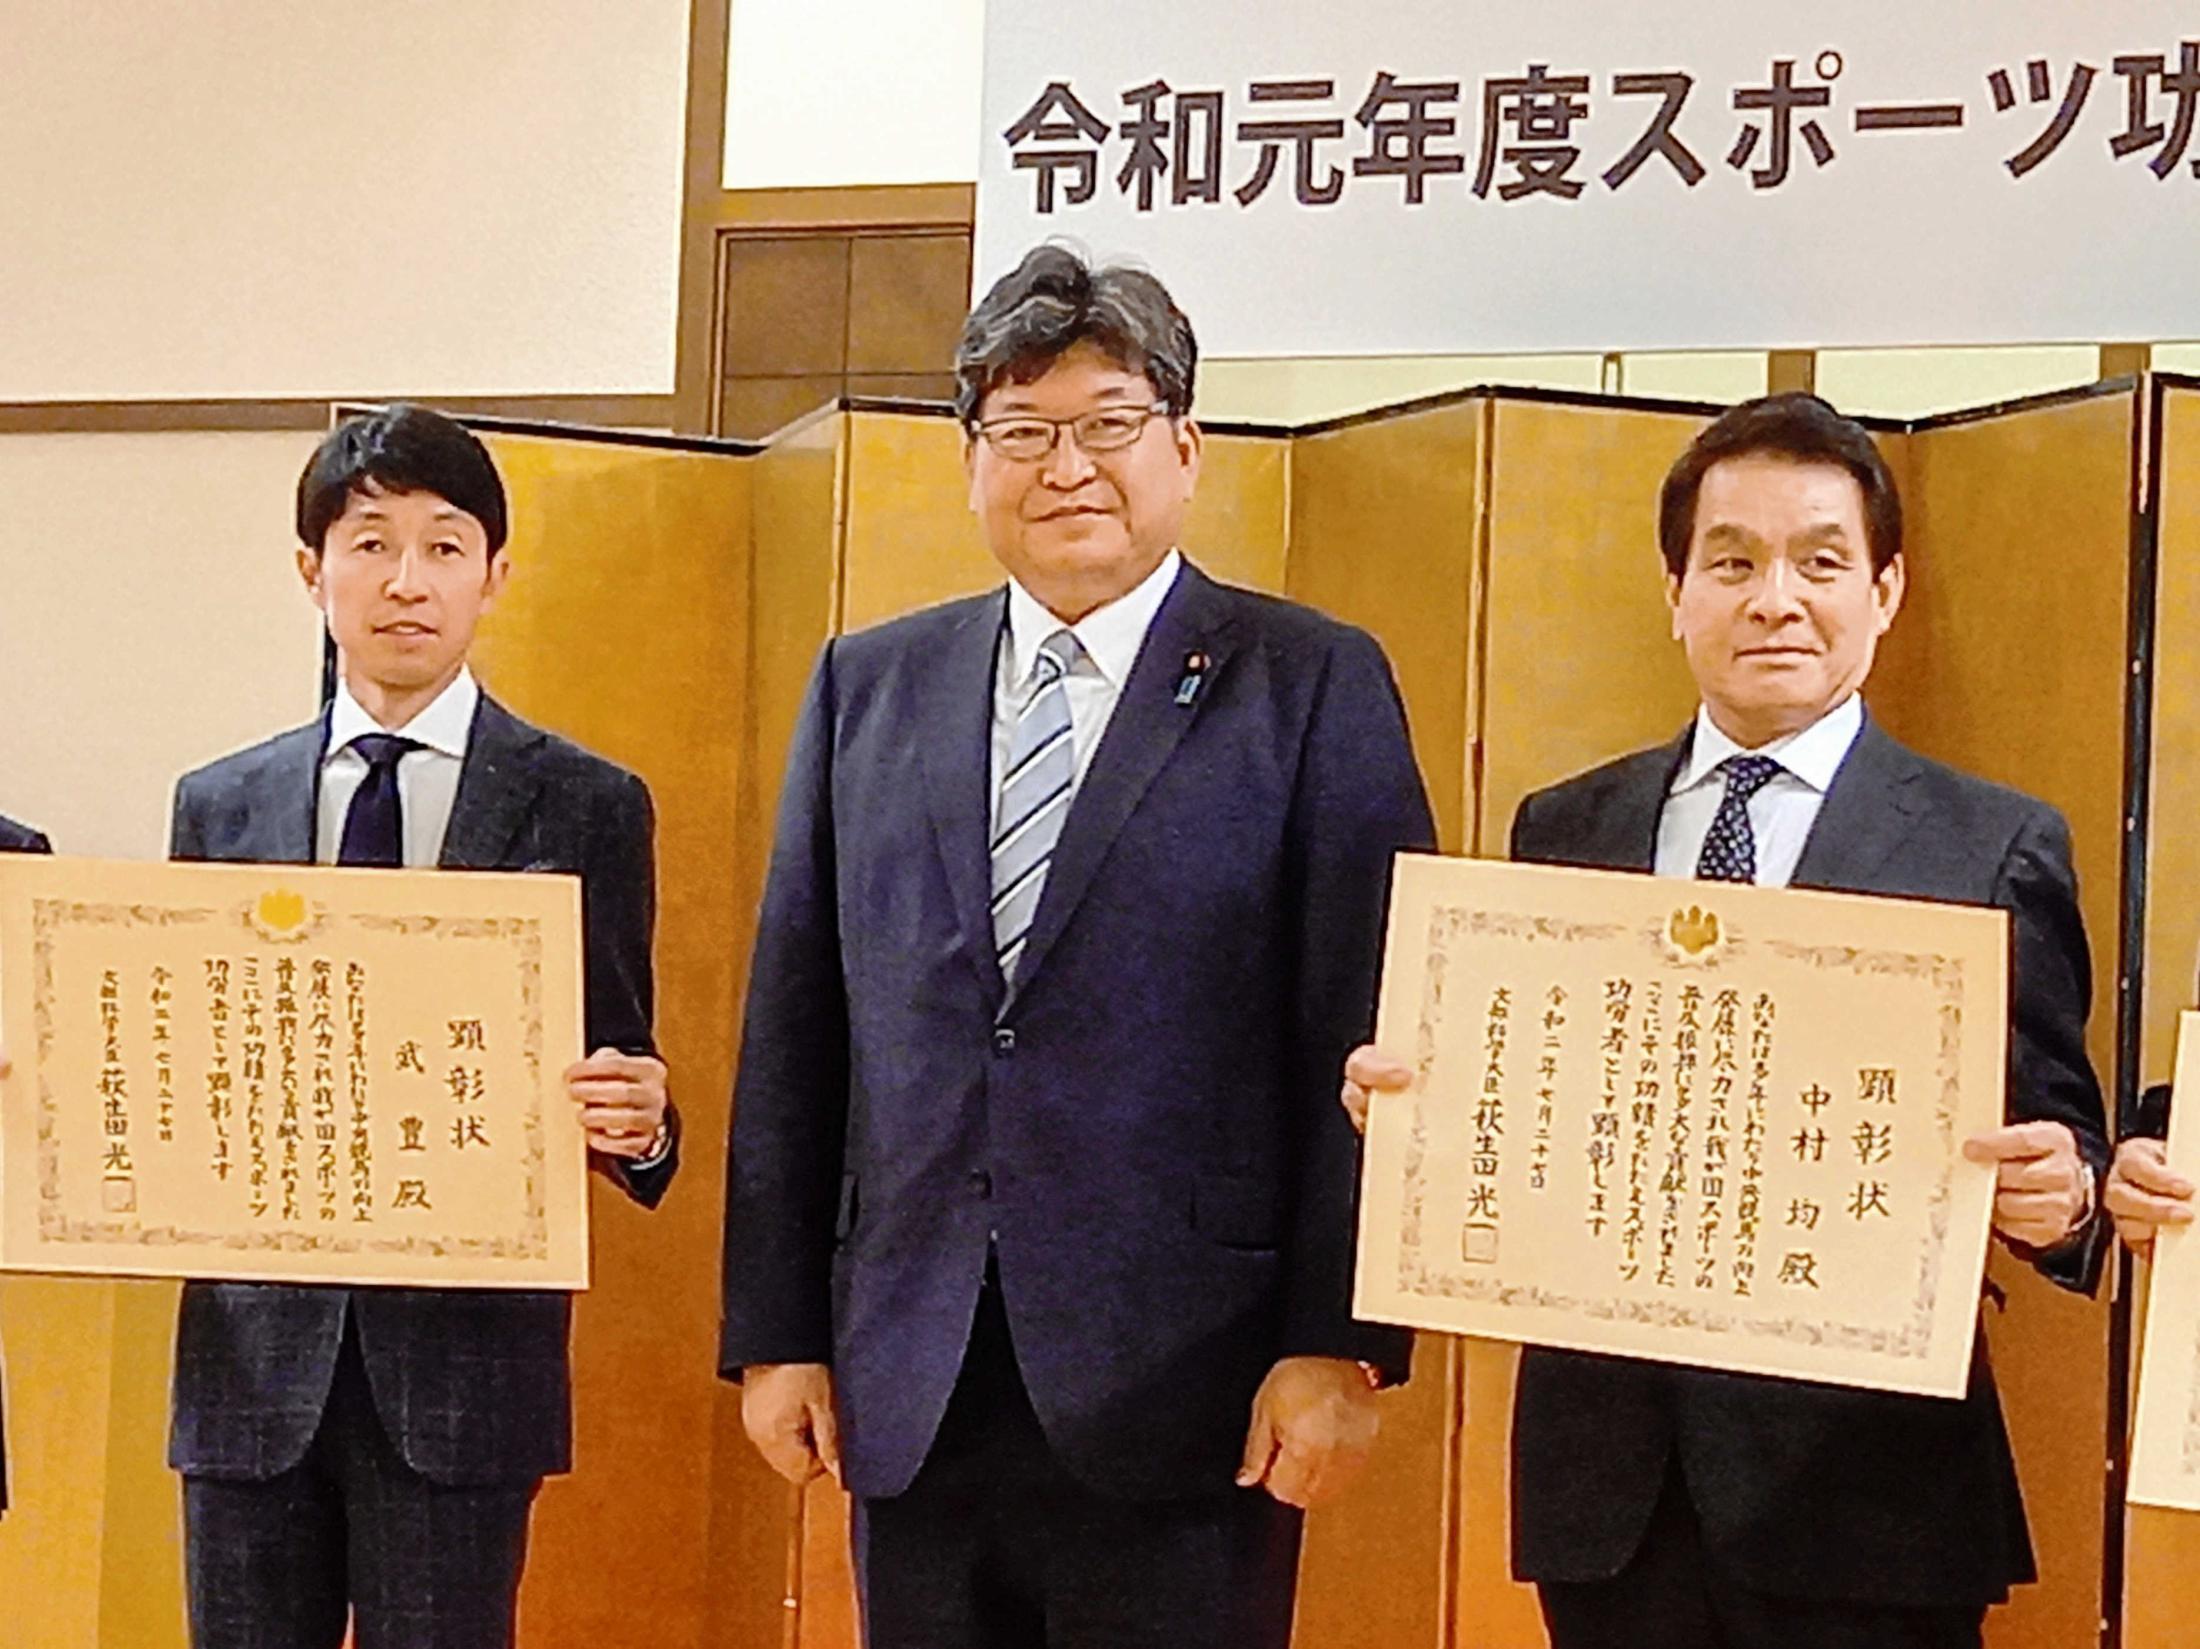 顕彰式に出席した武豊(左)と中村均・元調教師(右)。中央は荻生田文科相